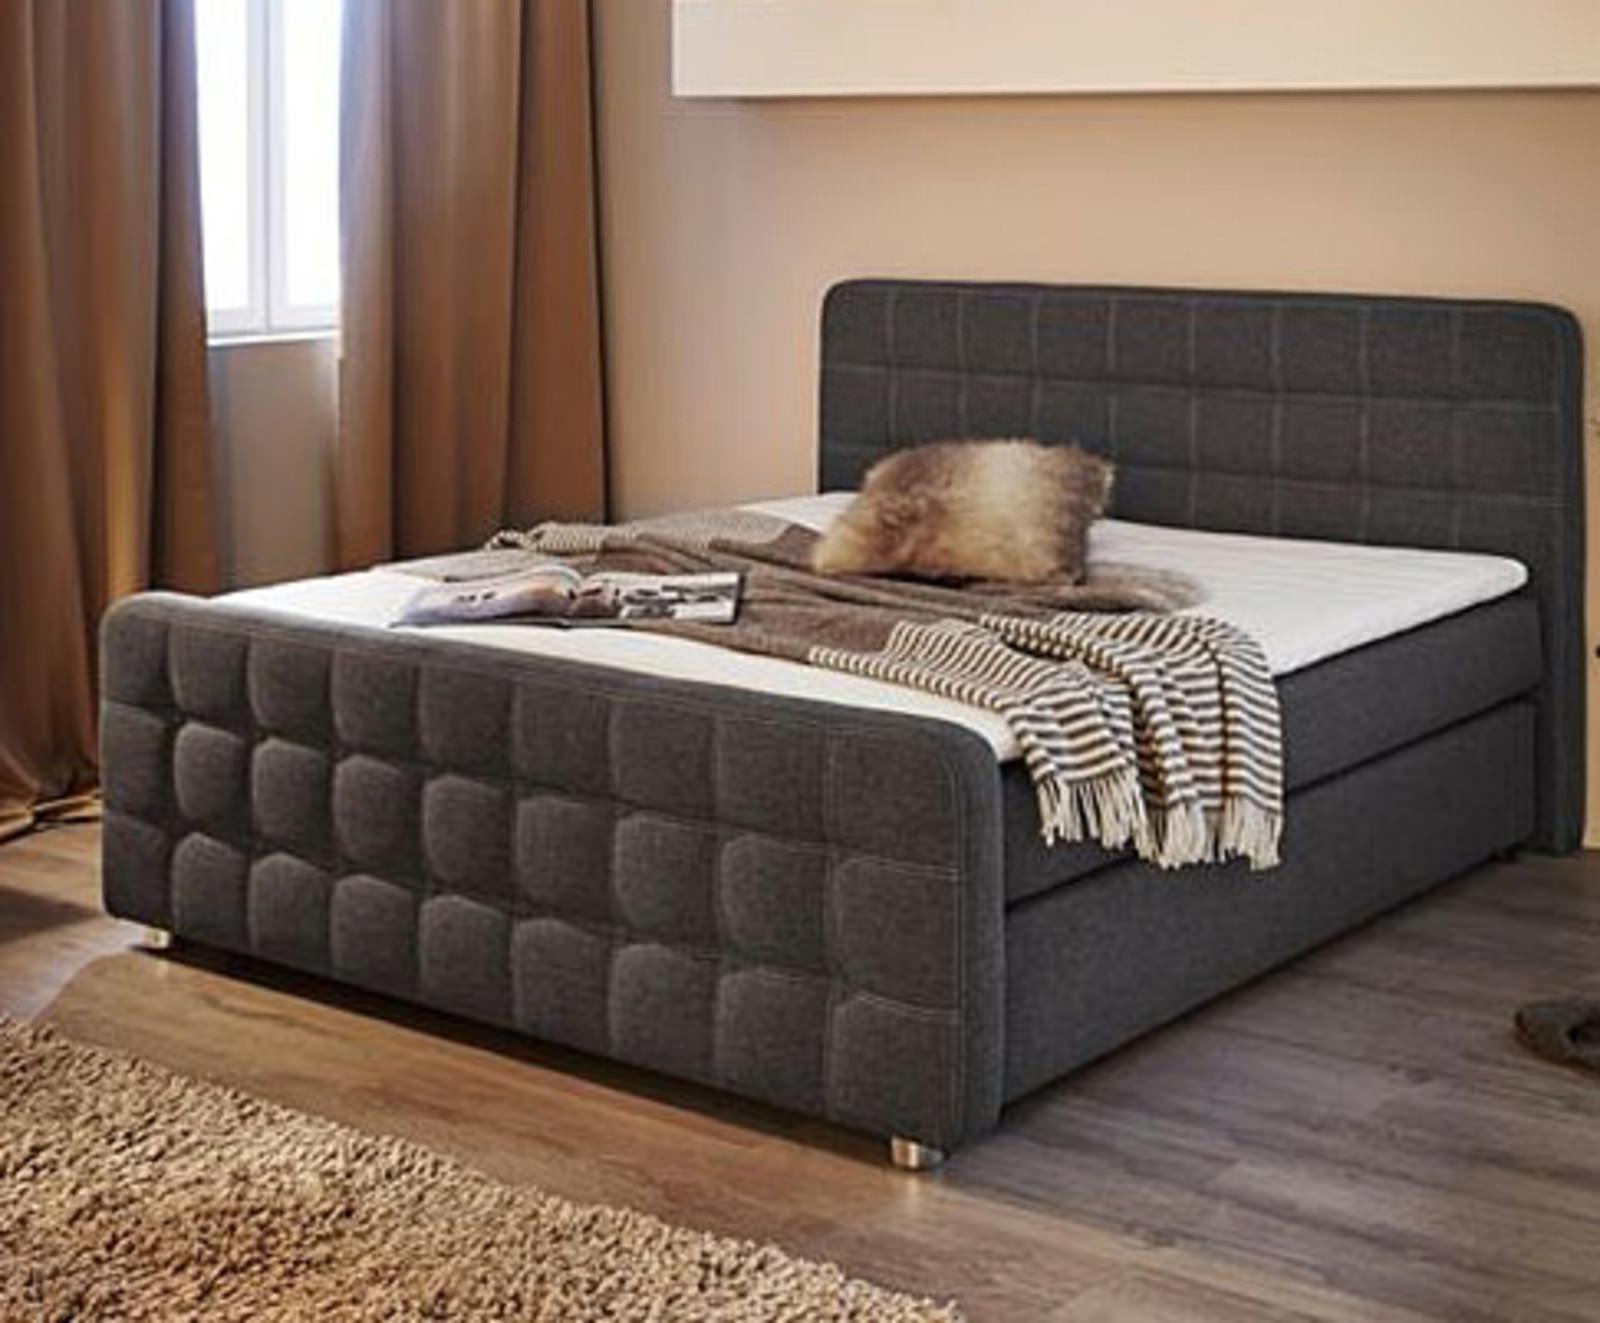 k chen d sseldorf schaffrath neuesten design kollektionen f r die familien. Black Bedroom Furniture Sets. Home Design Ideas